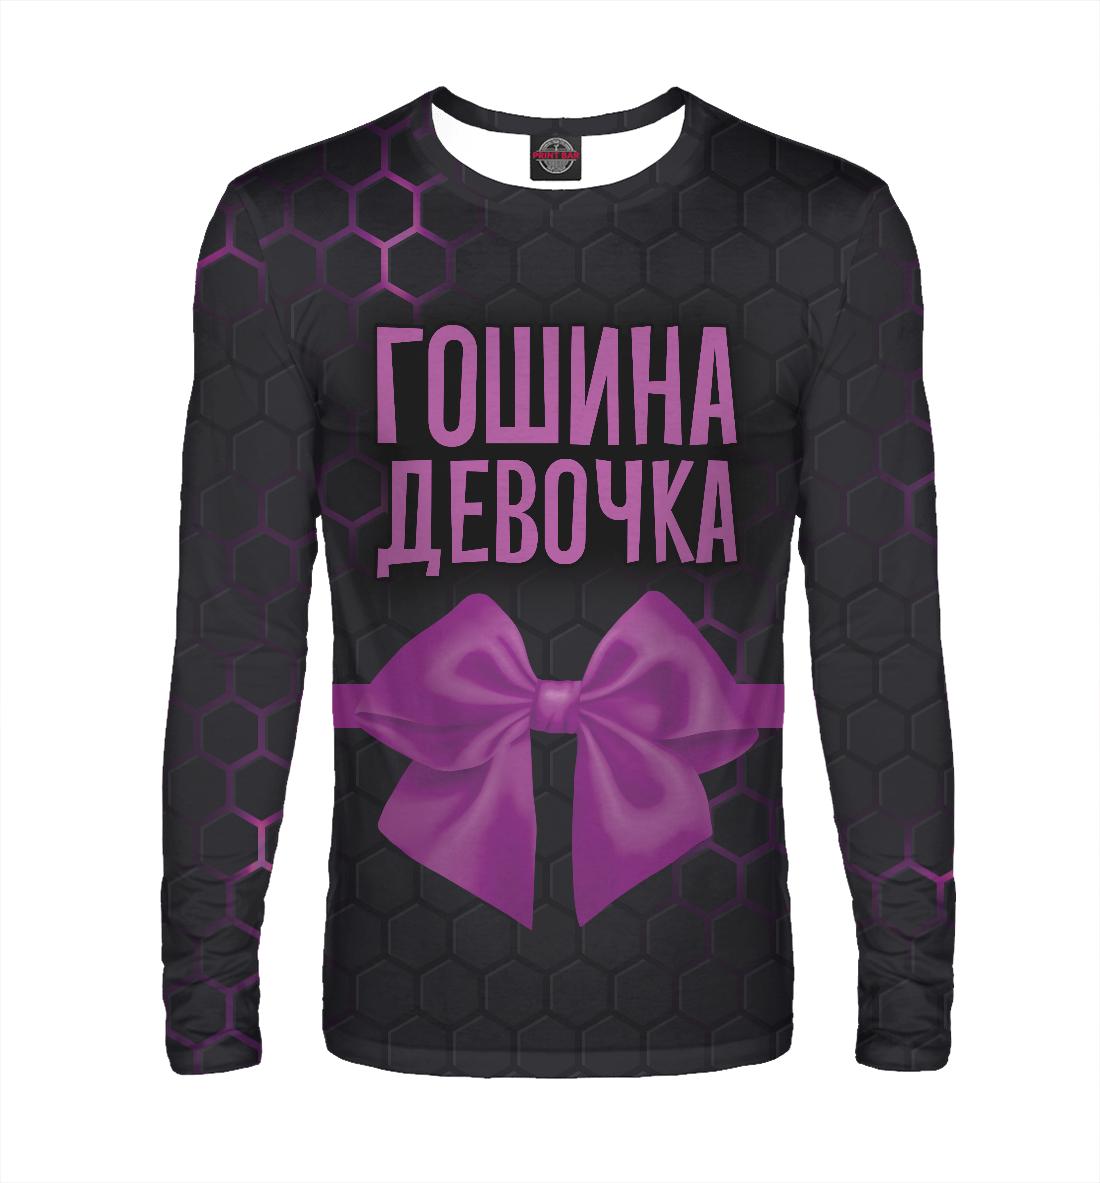 Лонгслив Гошина девочка (422326)